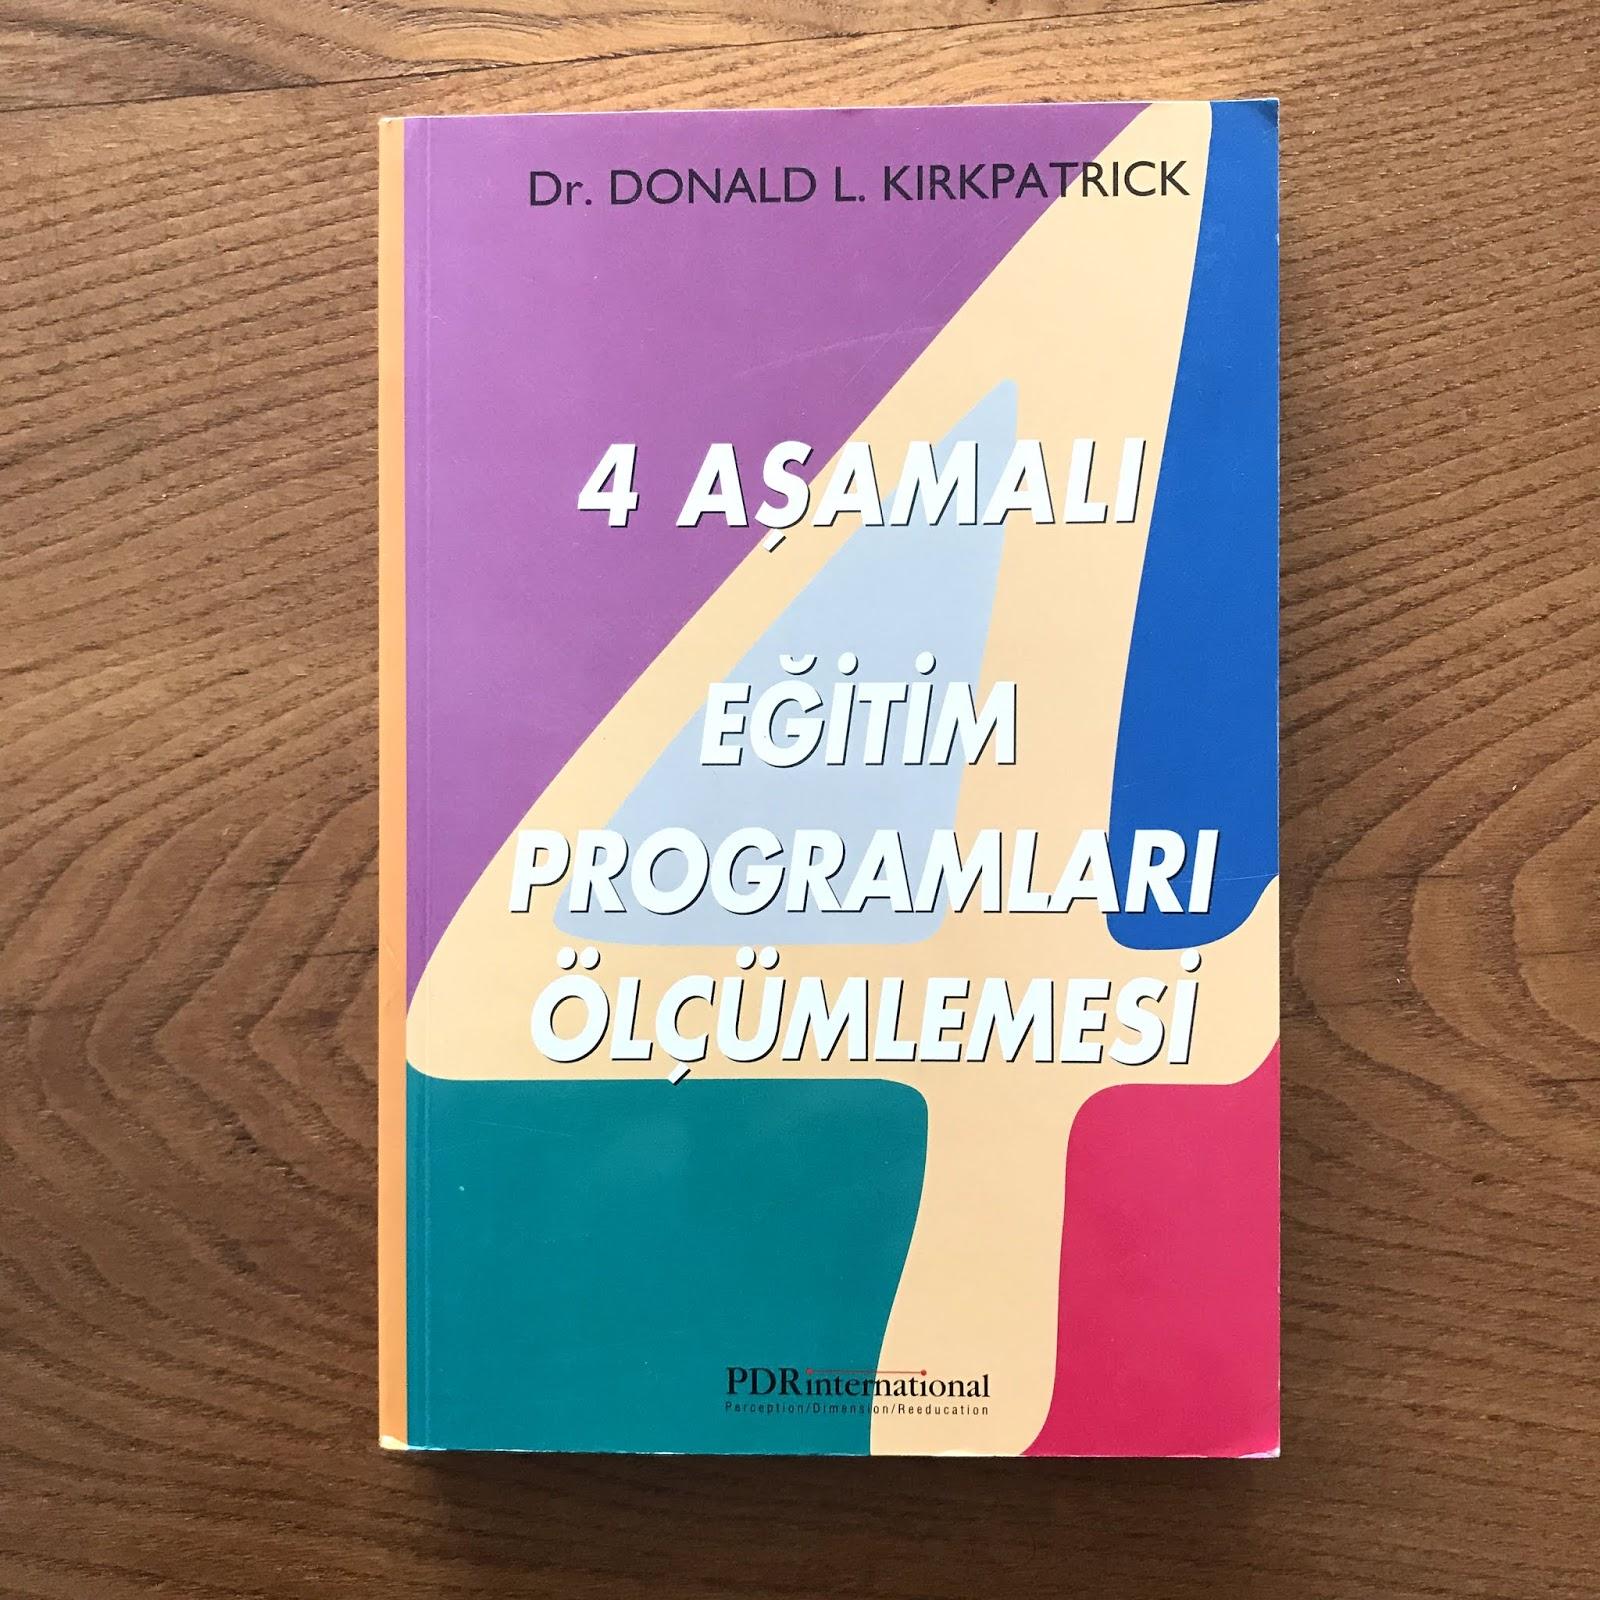 4 Asamali Egitim Programlari Olcumlemesi